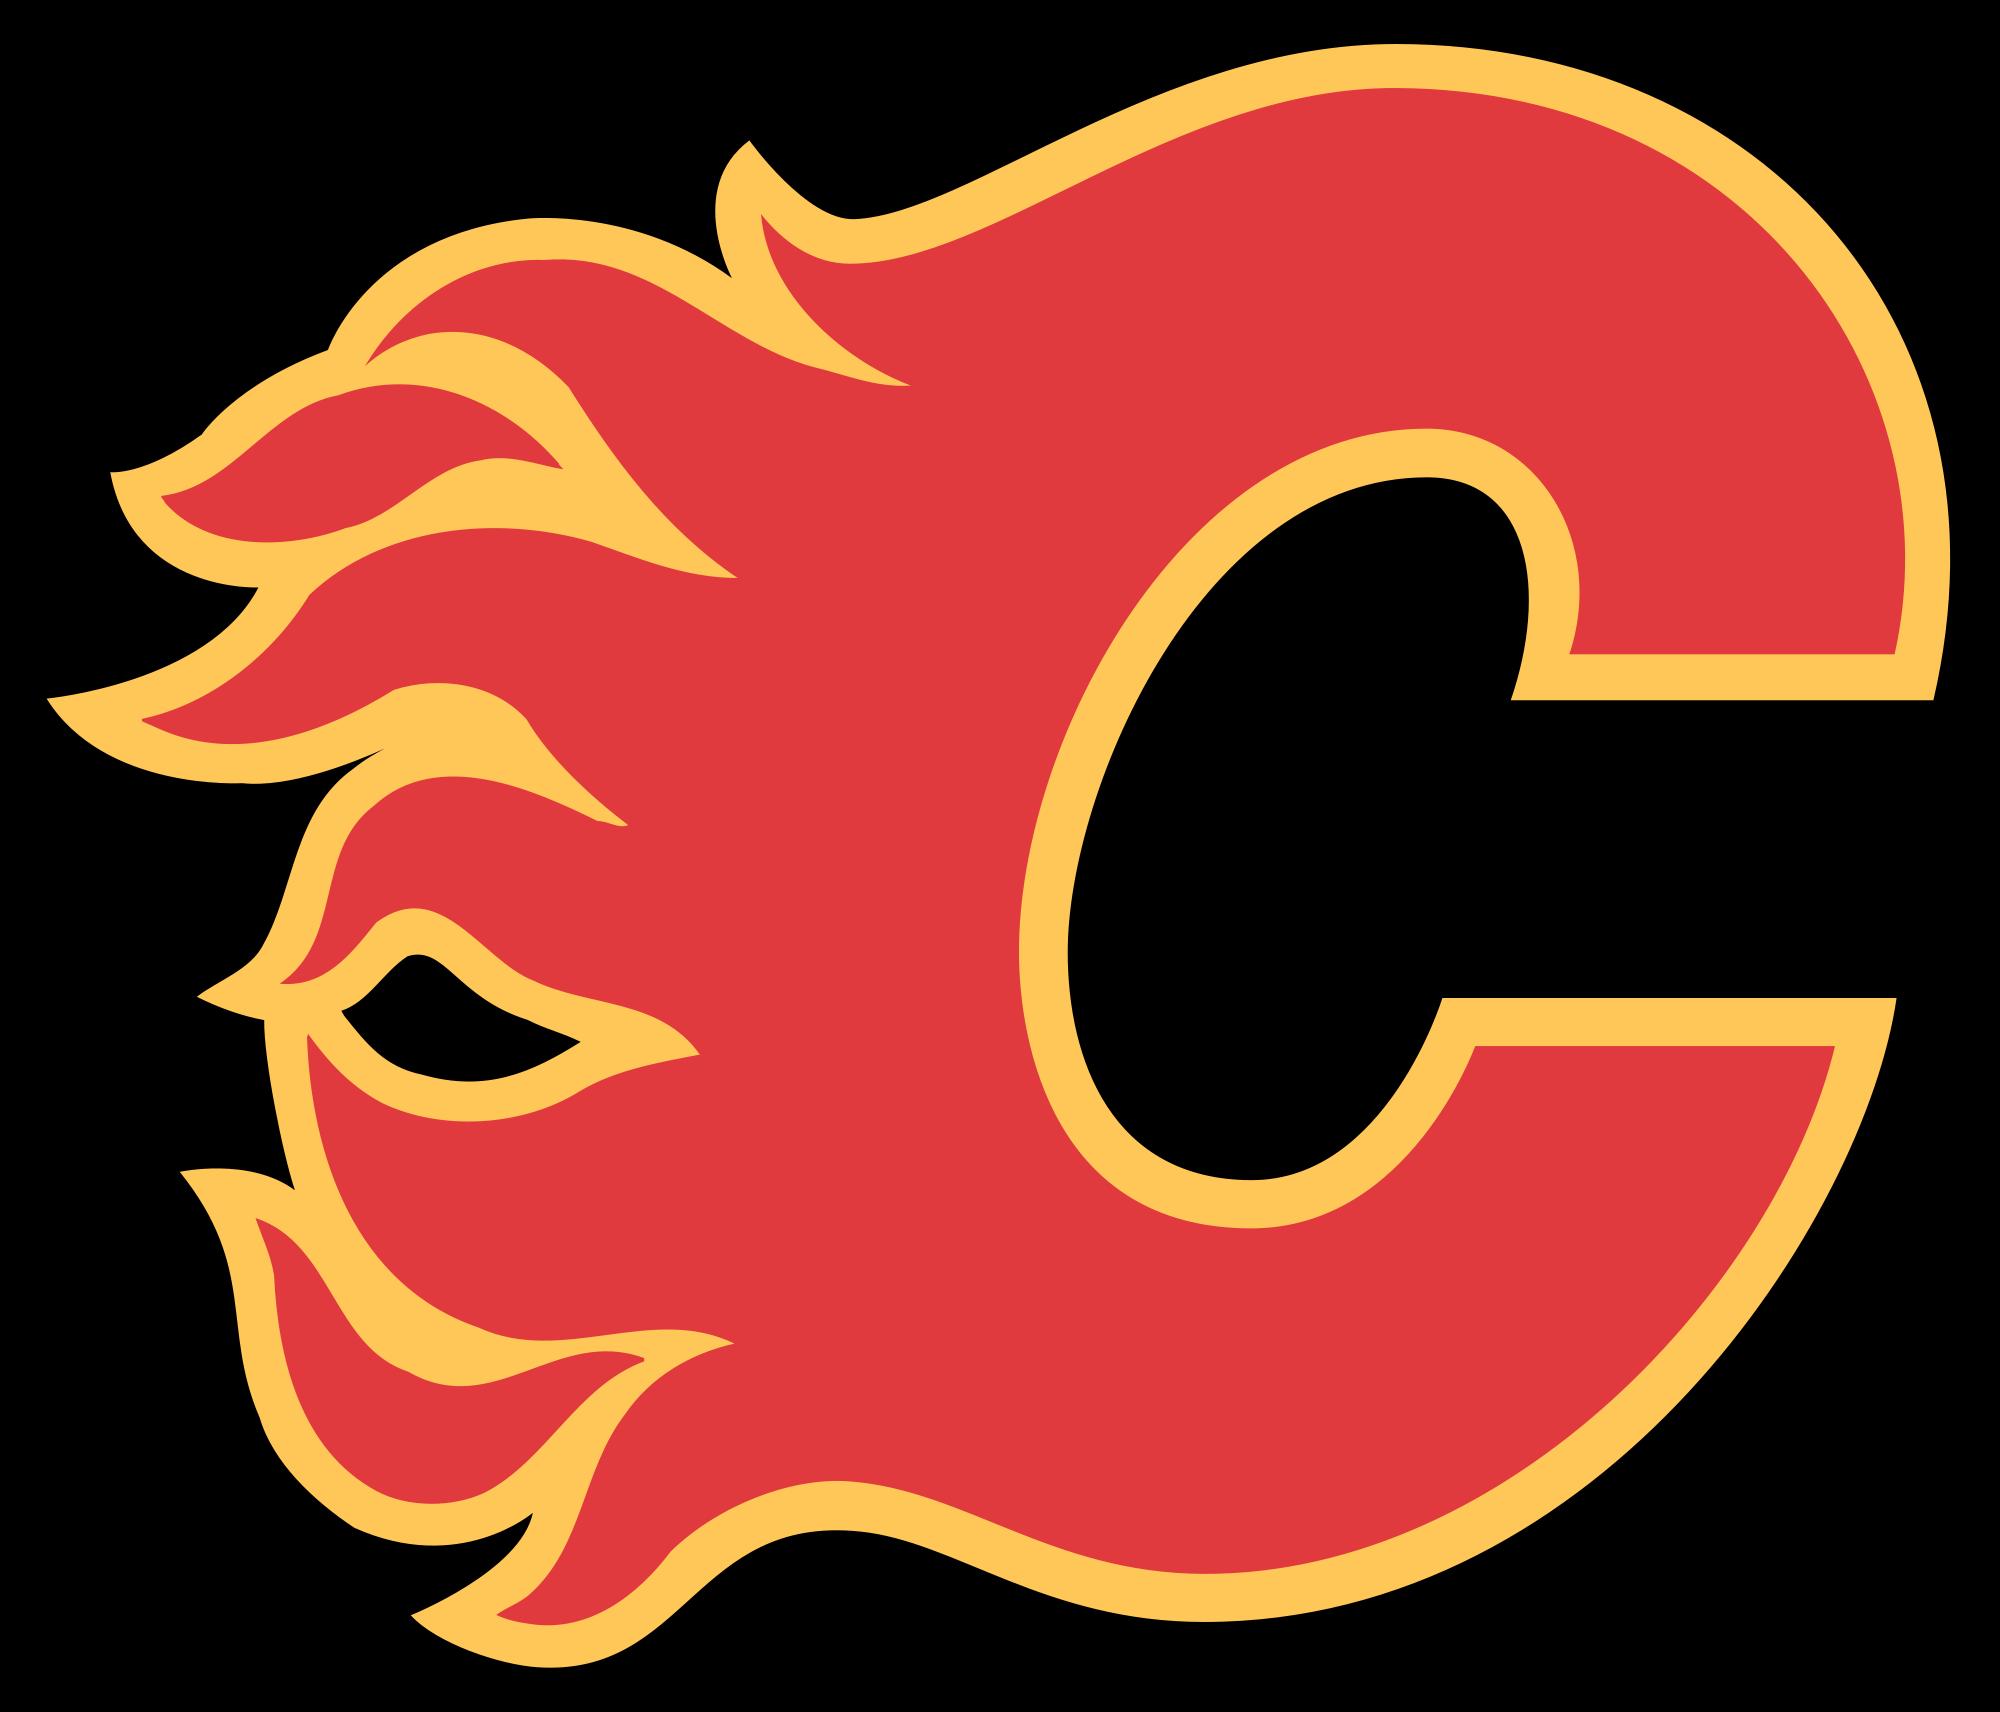 Nhl Calgary Flames Logo Wallpaper Flames Hockey Calgary Flames Nhl Logos